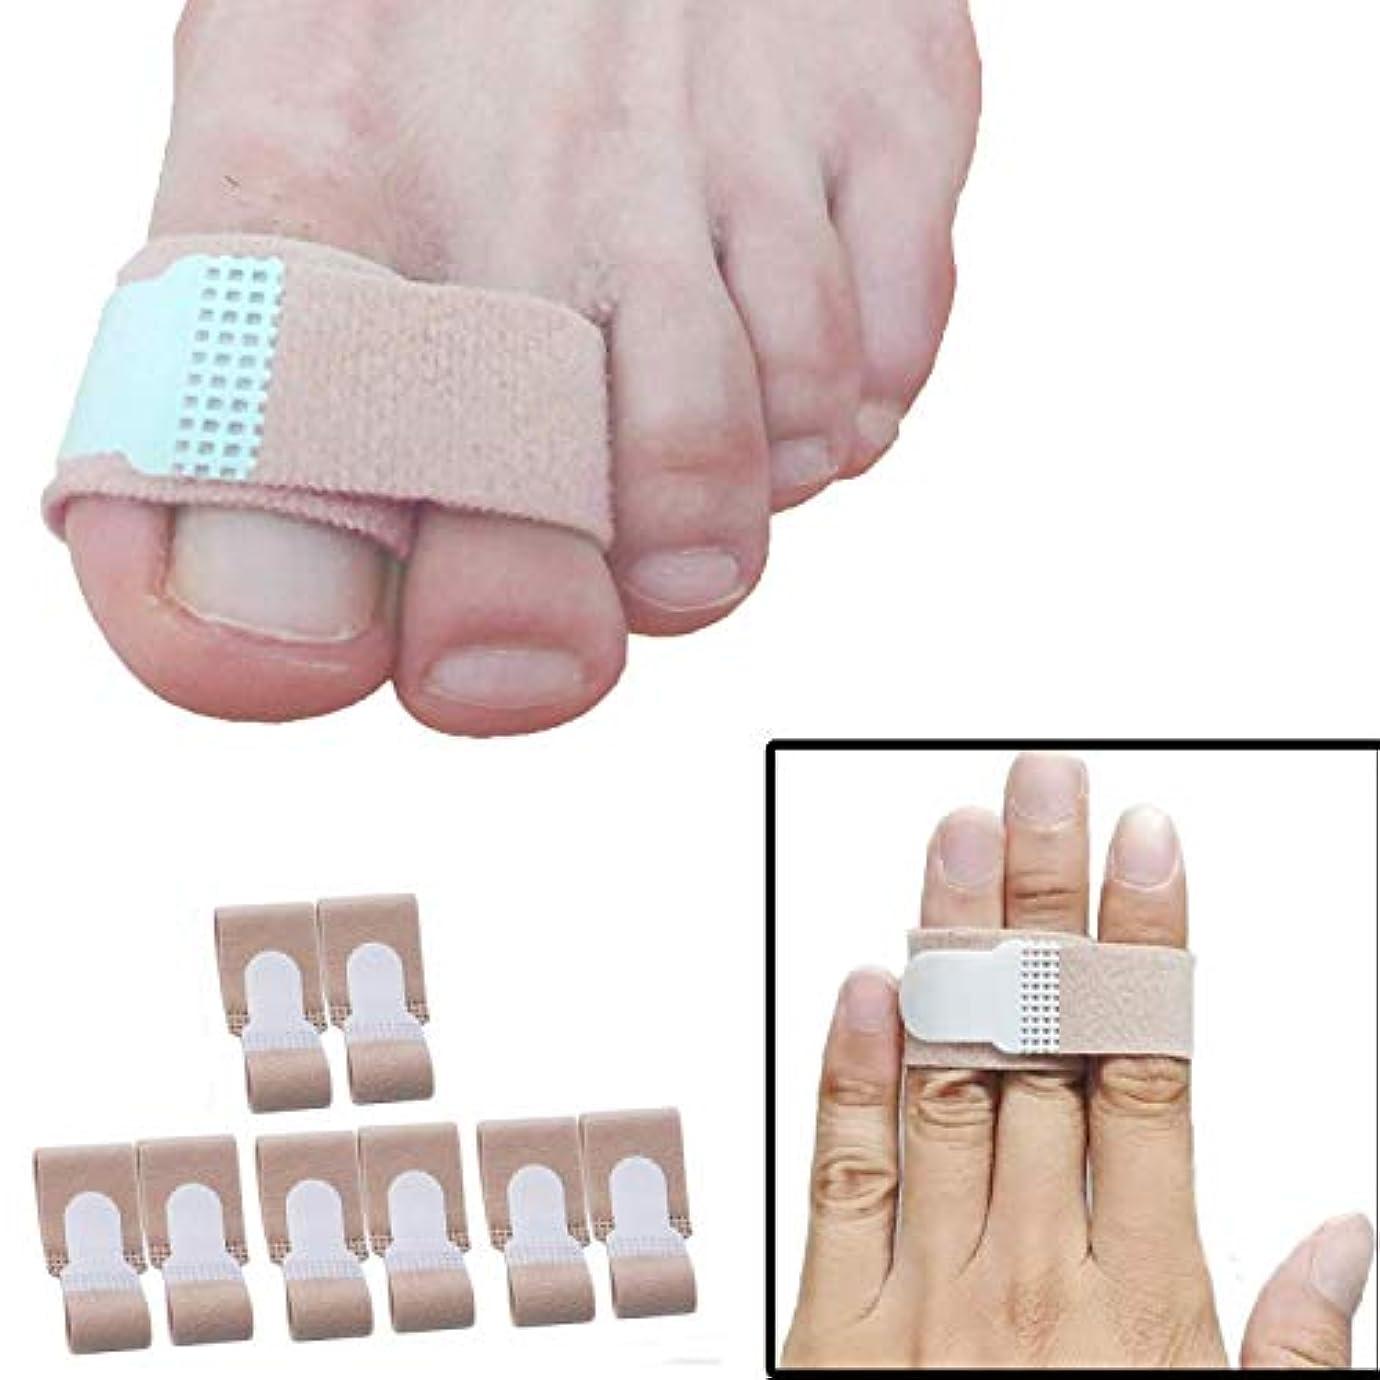 薄いですモルヒネ報復指サポーター 第二世代指 骨折 関節痛 指保護 & 足指矯正パッドフィンガー足指サポーター &つま先又は クッション包帯スト 8 個セット